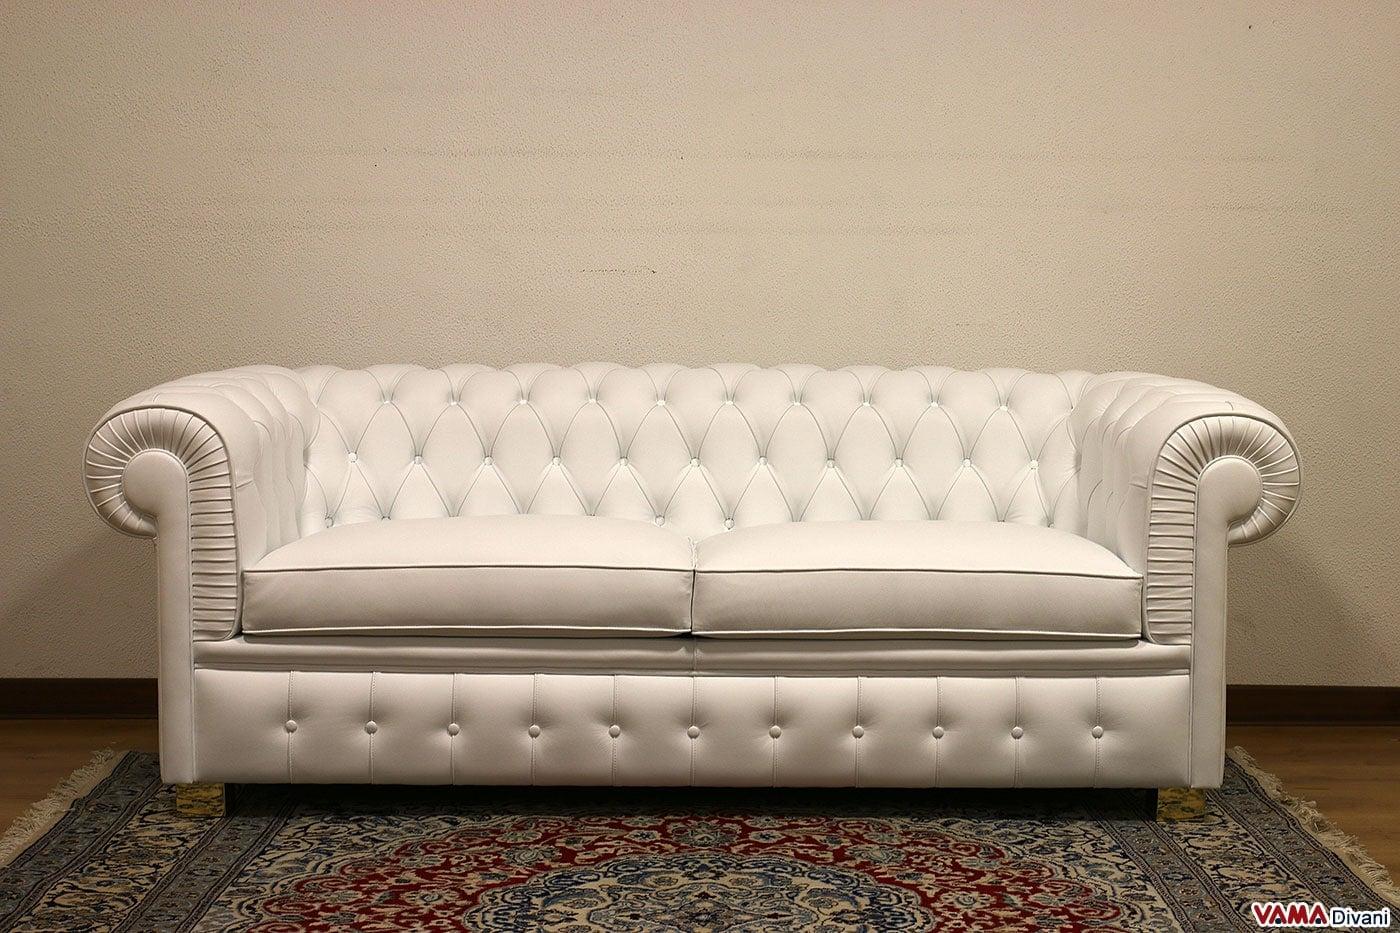 Divano chesterfield bianco idee per il design della casa - Ikea piedini divano ...